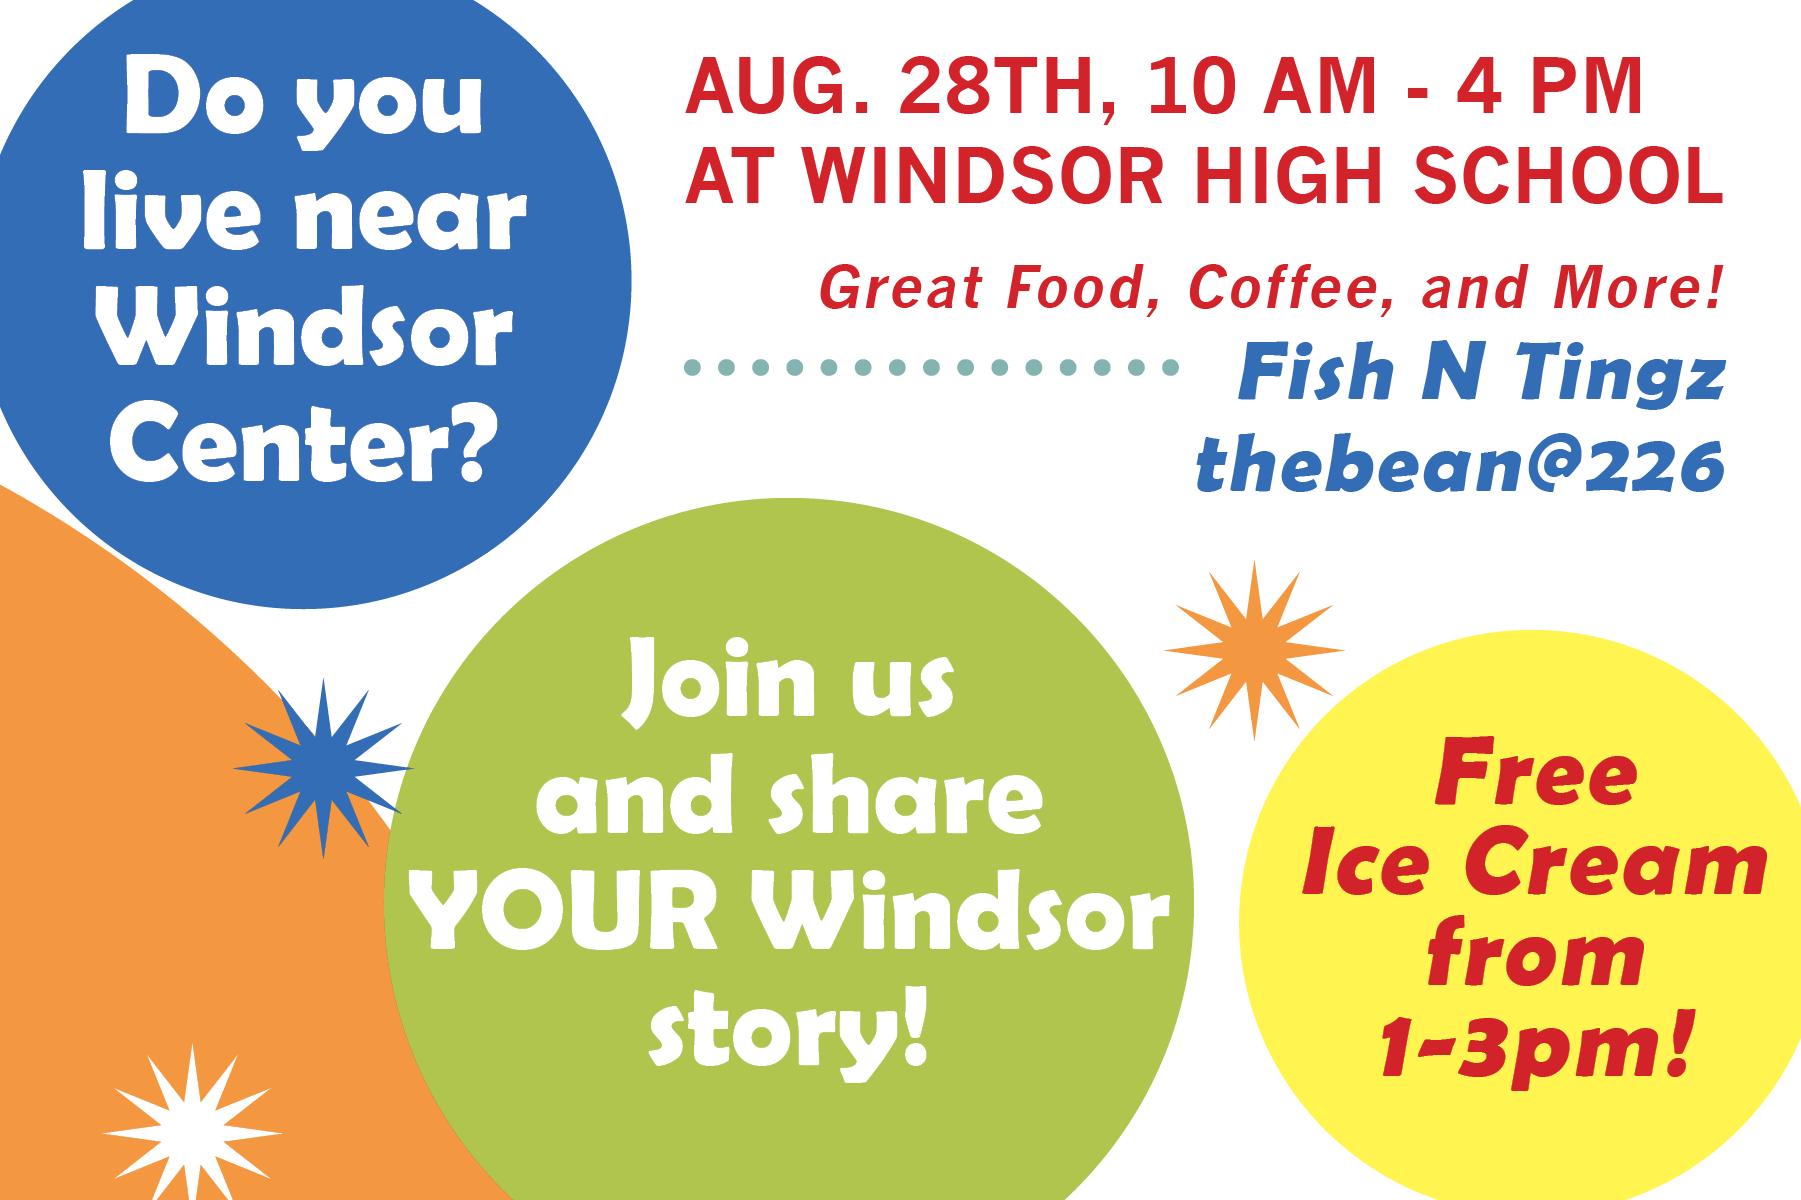 Windsor Center event flyer